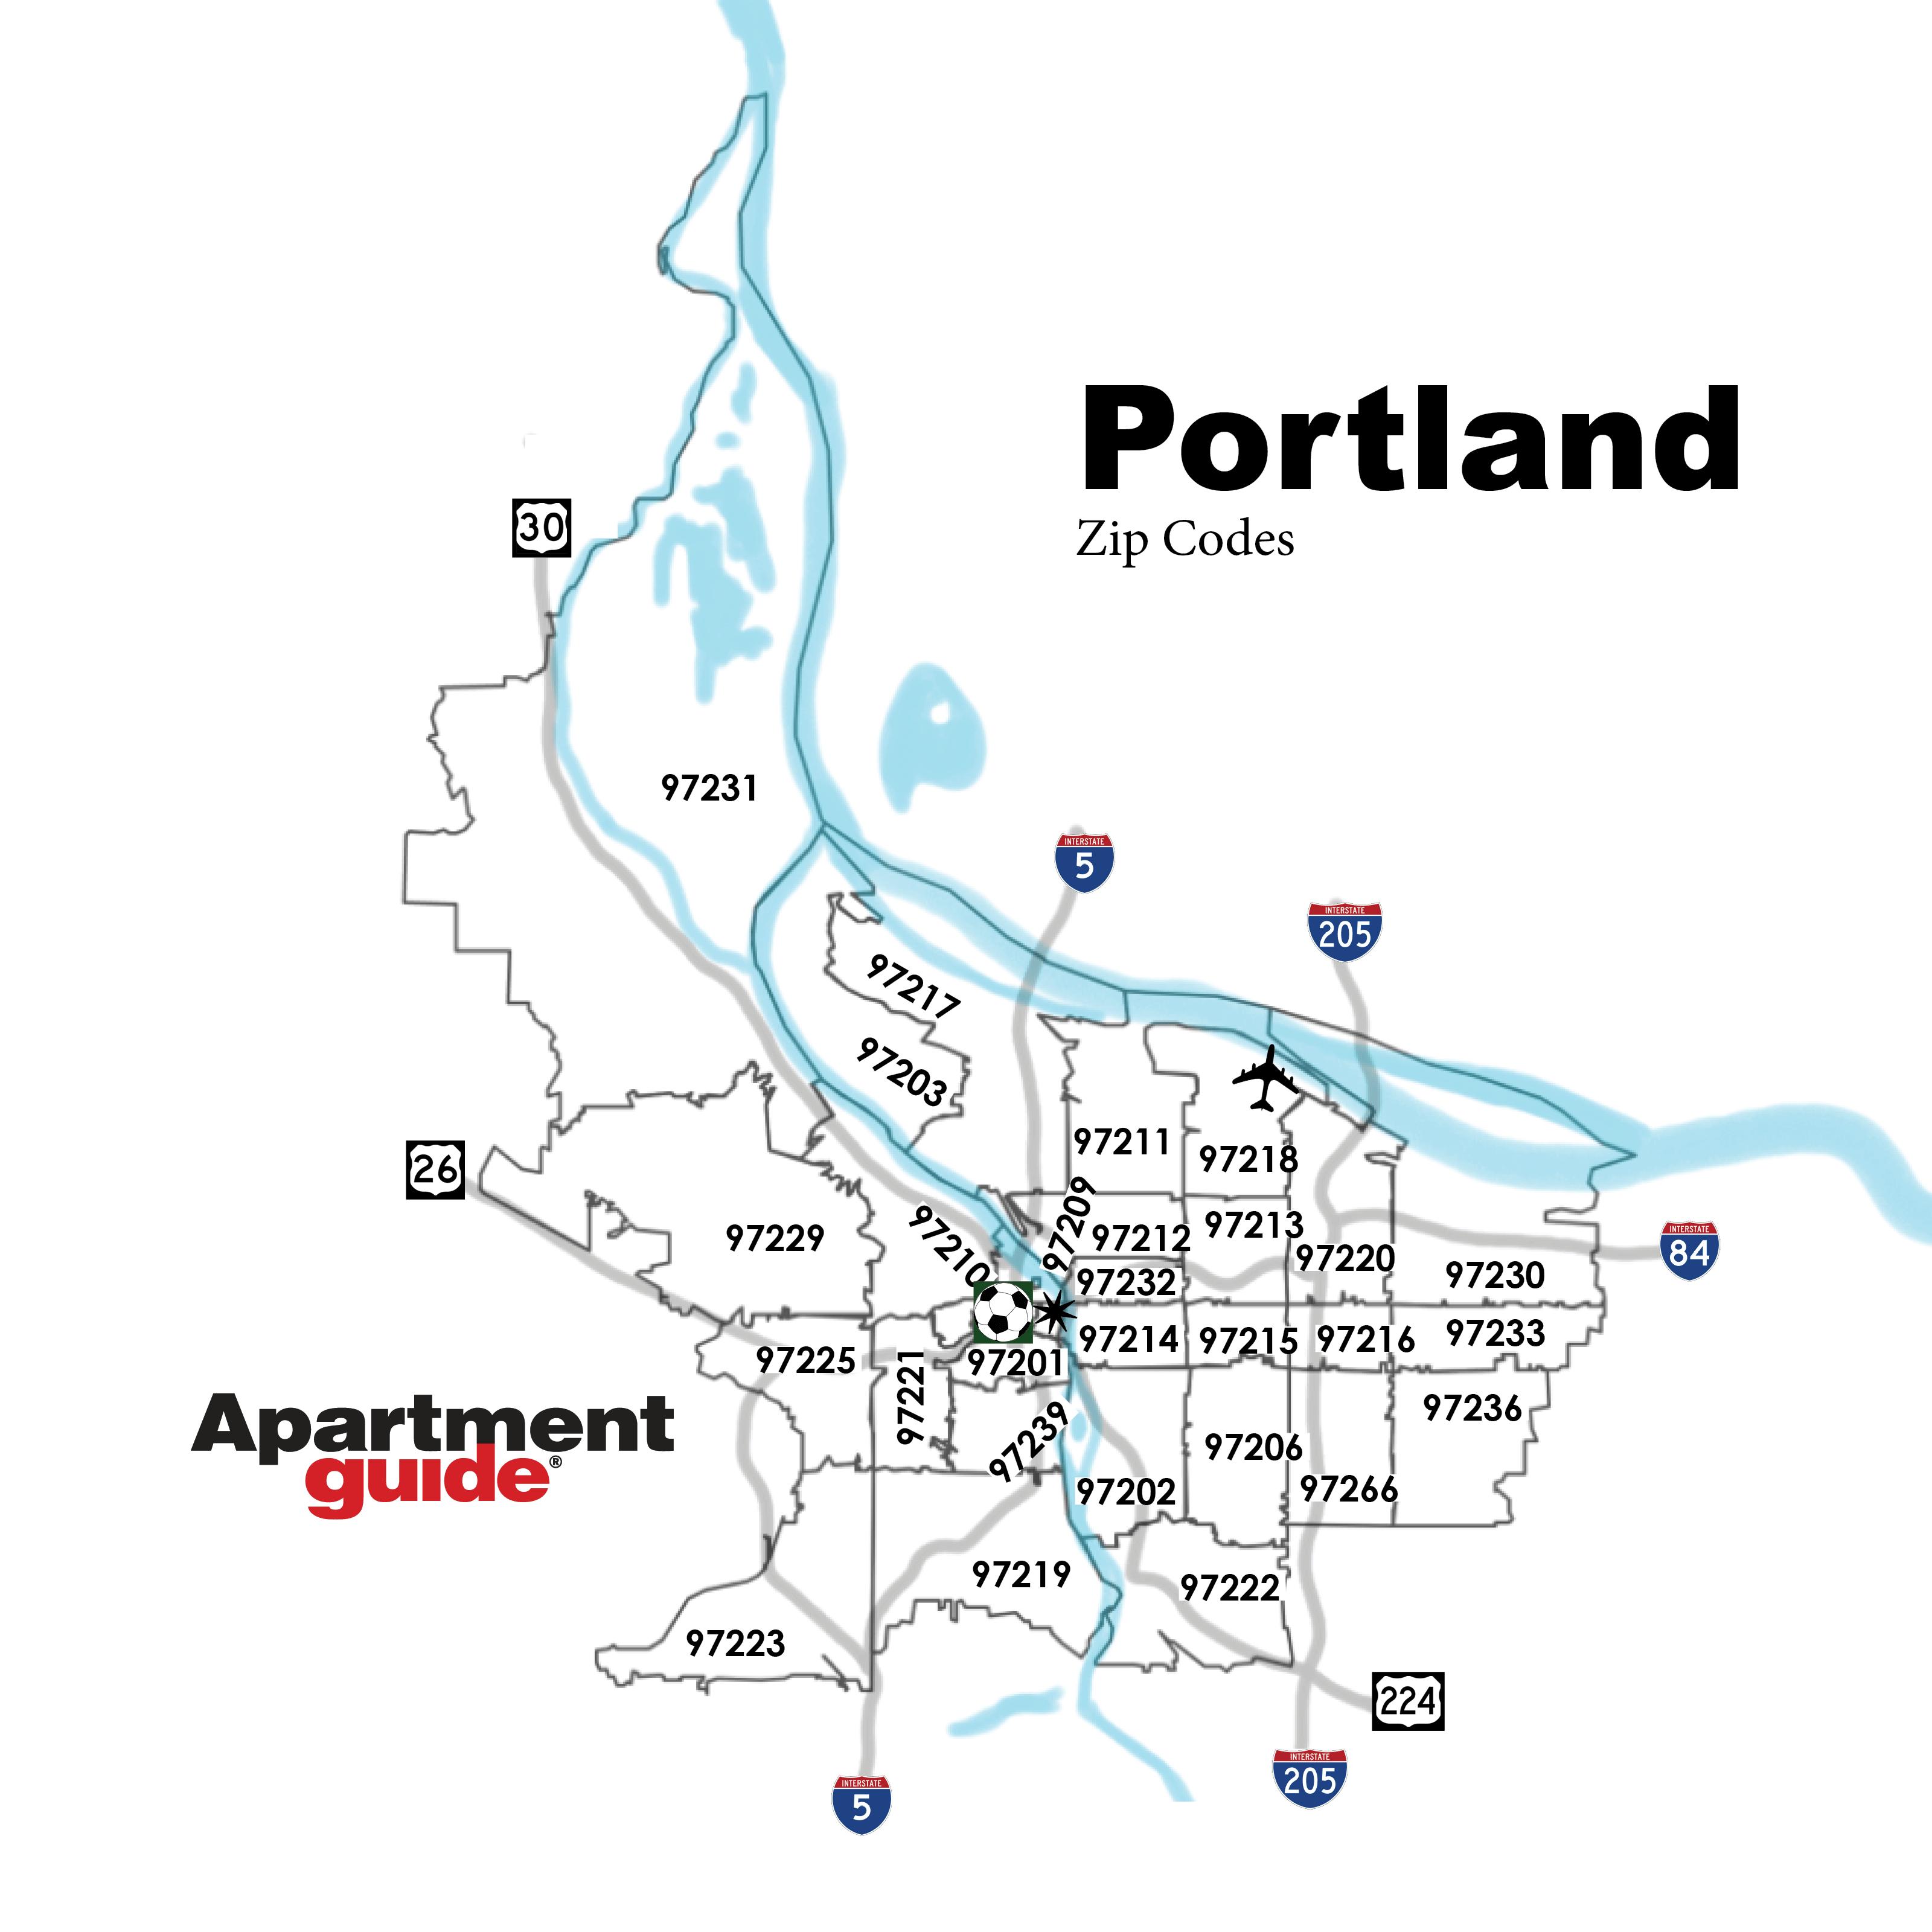 Portland zip codes